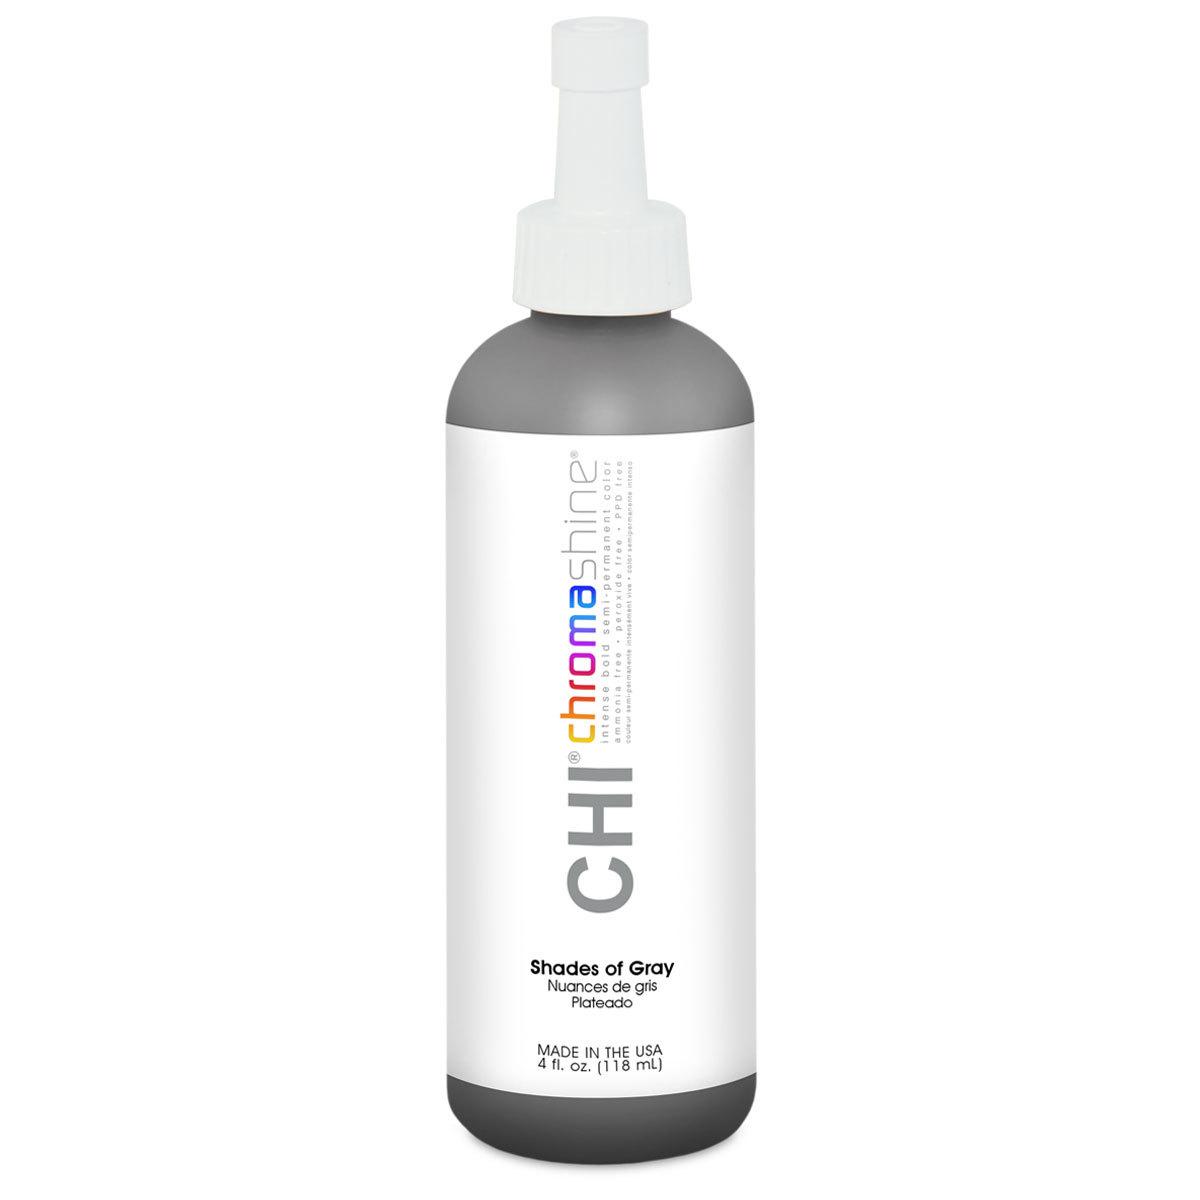 Крем-краска CHI CHROMASHINE SHADES OF GRAY - CHI Тенистый Серый, 177мл